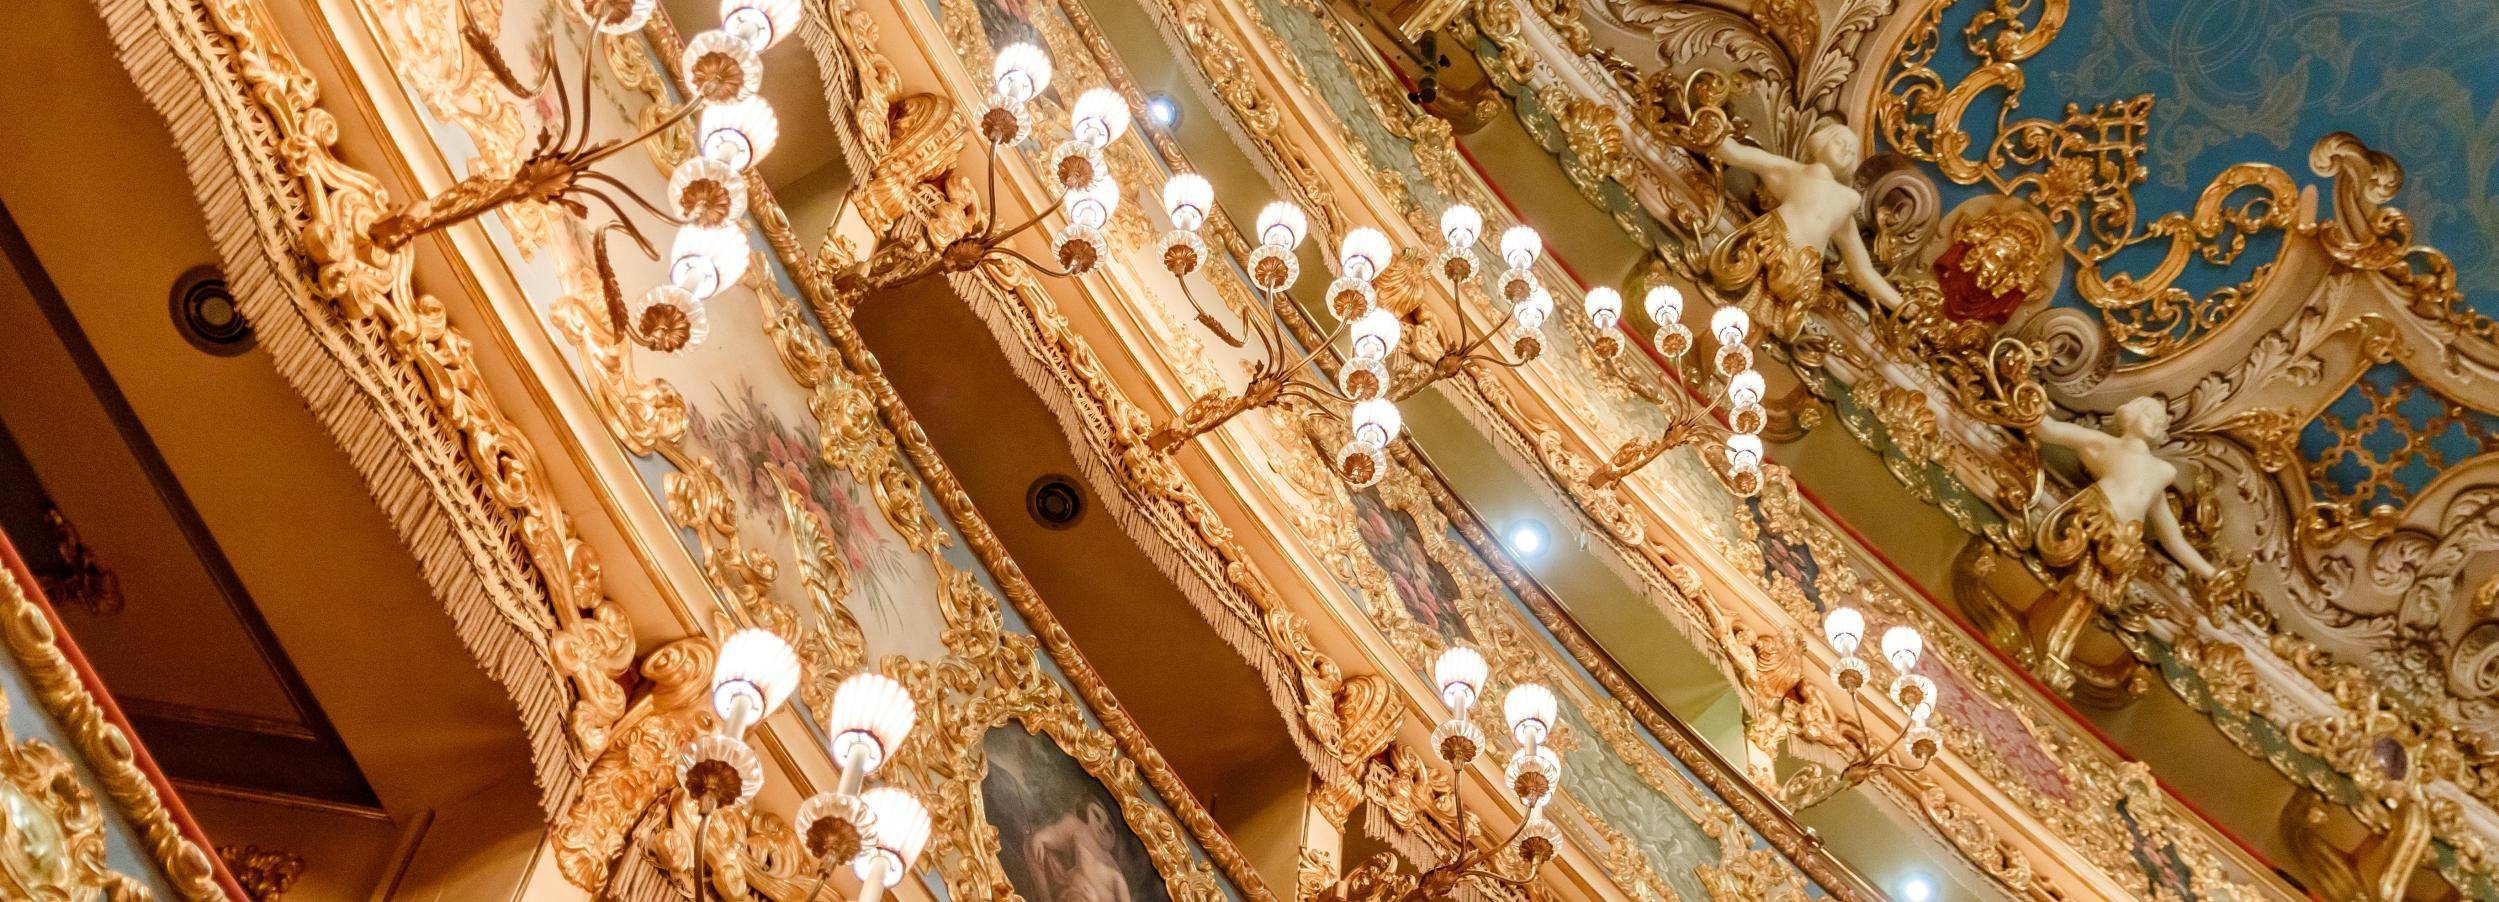 Teatro La Fenice: tour guidato a Venezia